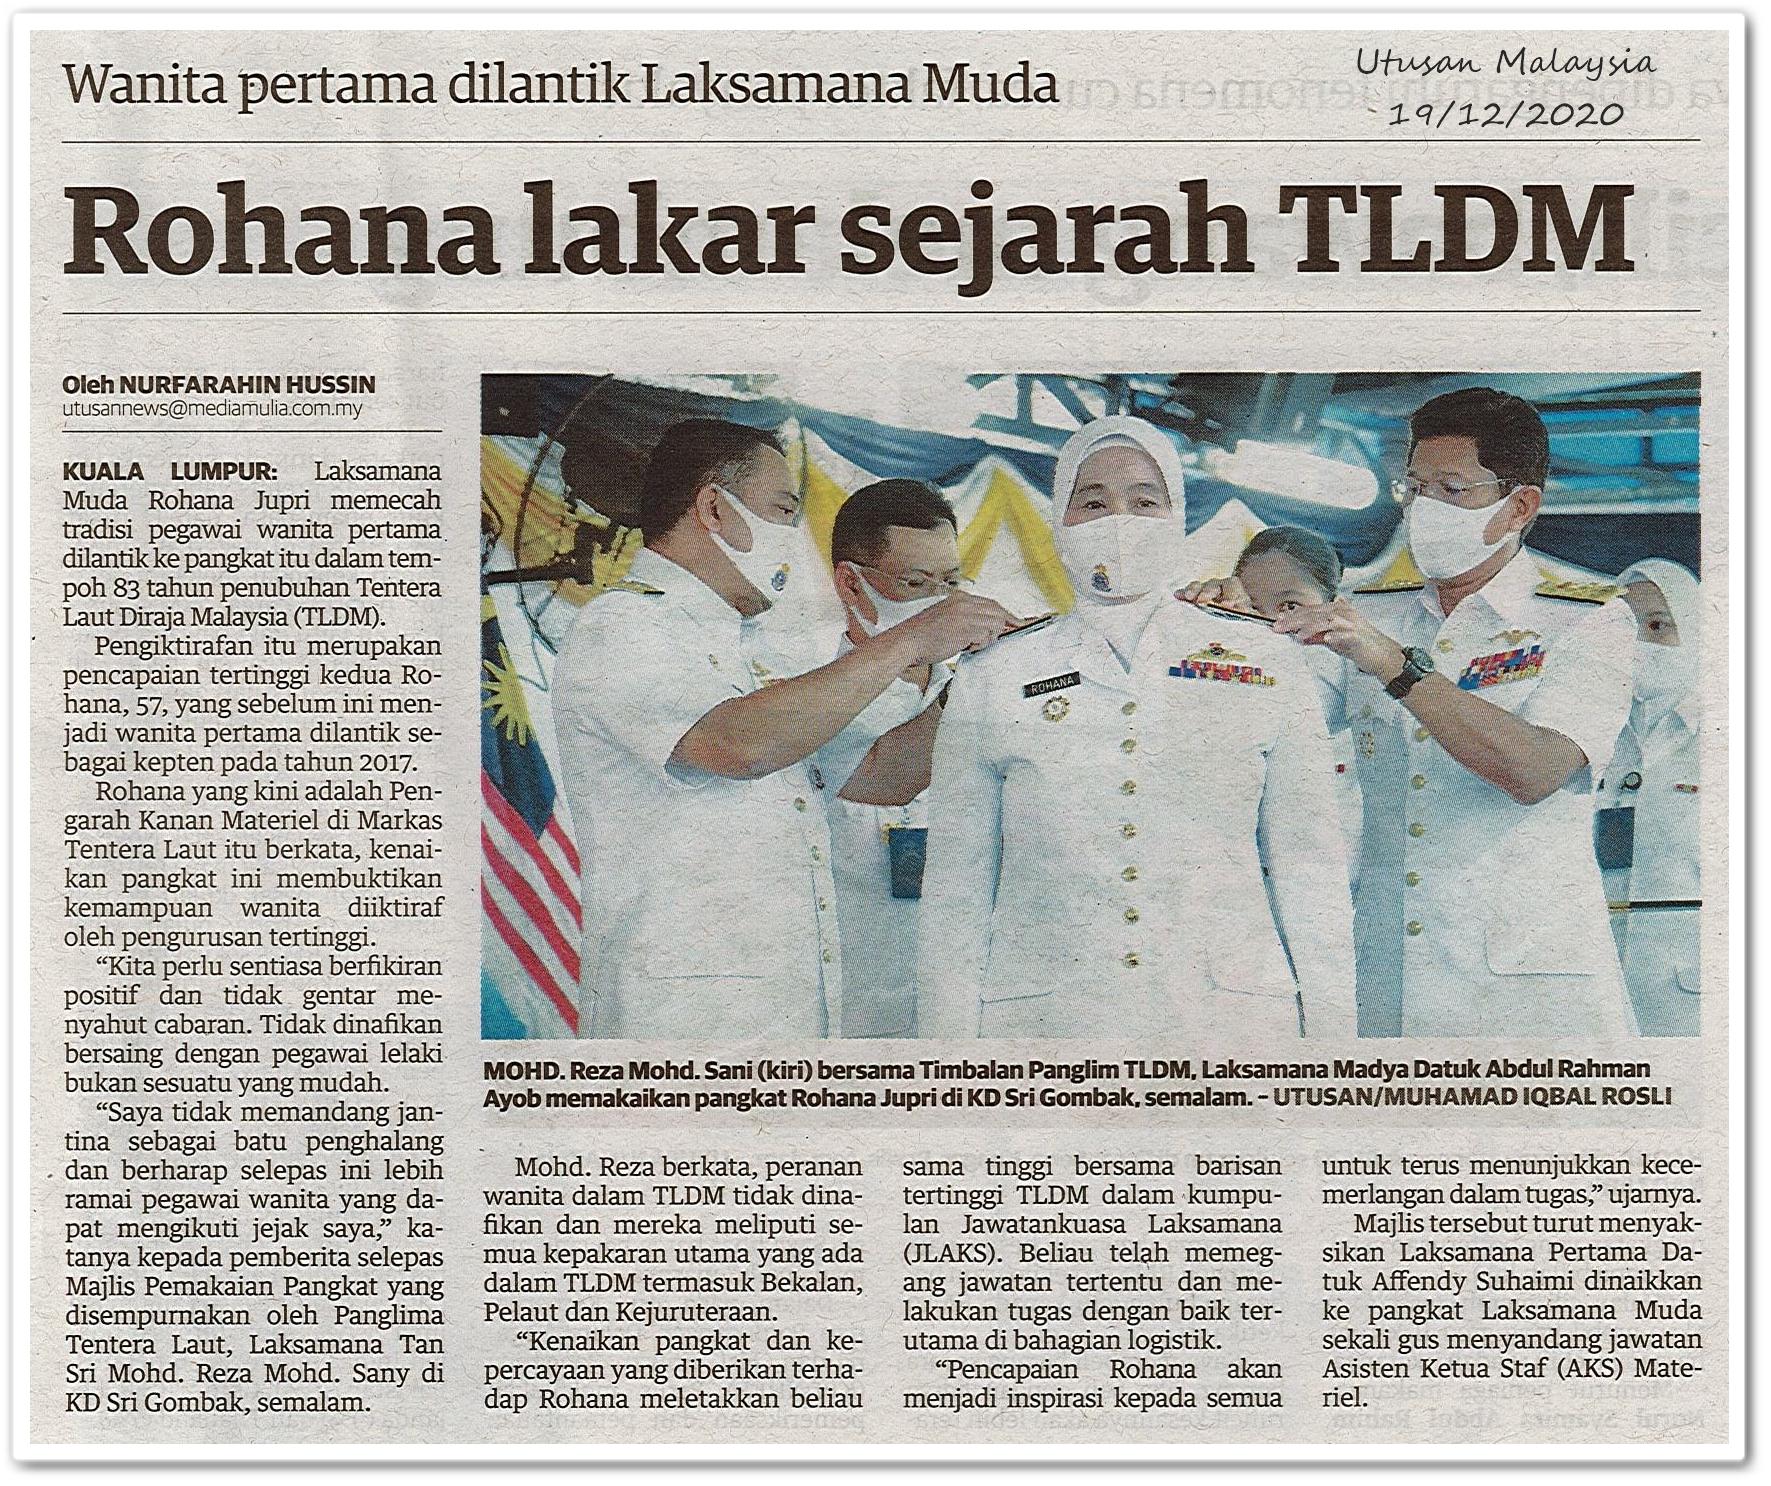 Rohana lakar sejarah TLDM ; Wanita pertama dilantik Laksamana Muda - Keratan akhbar Utusan Malaysia 19 Disember 2020